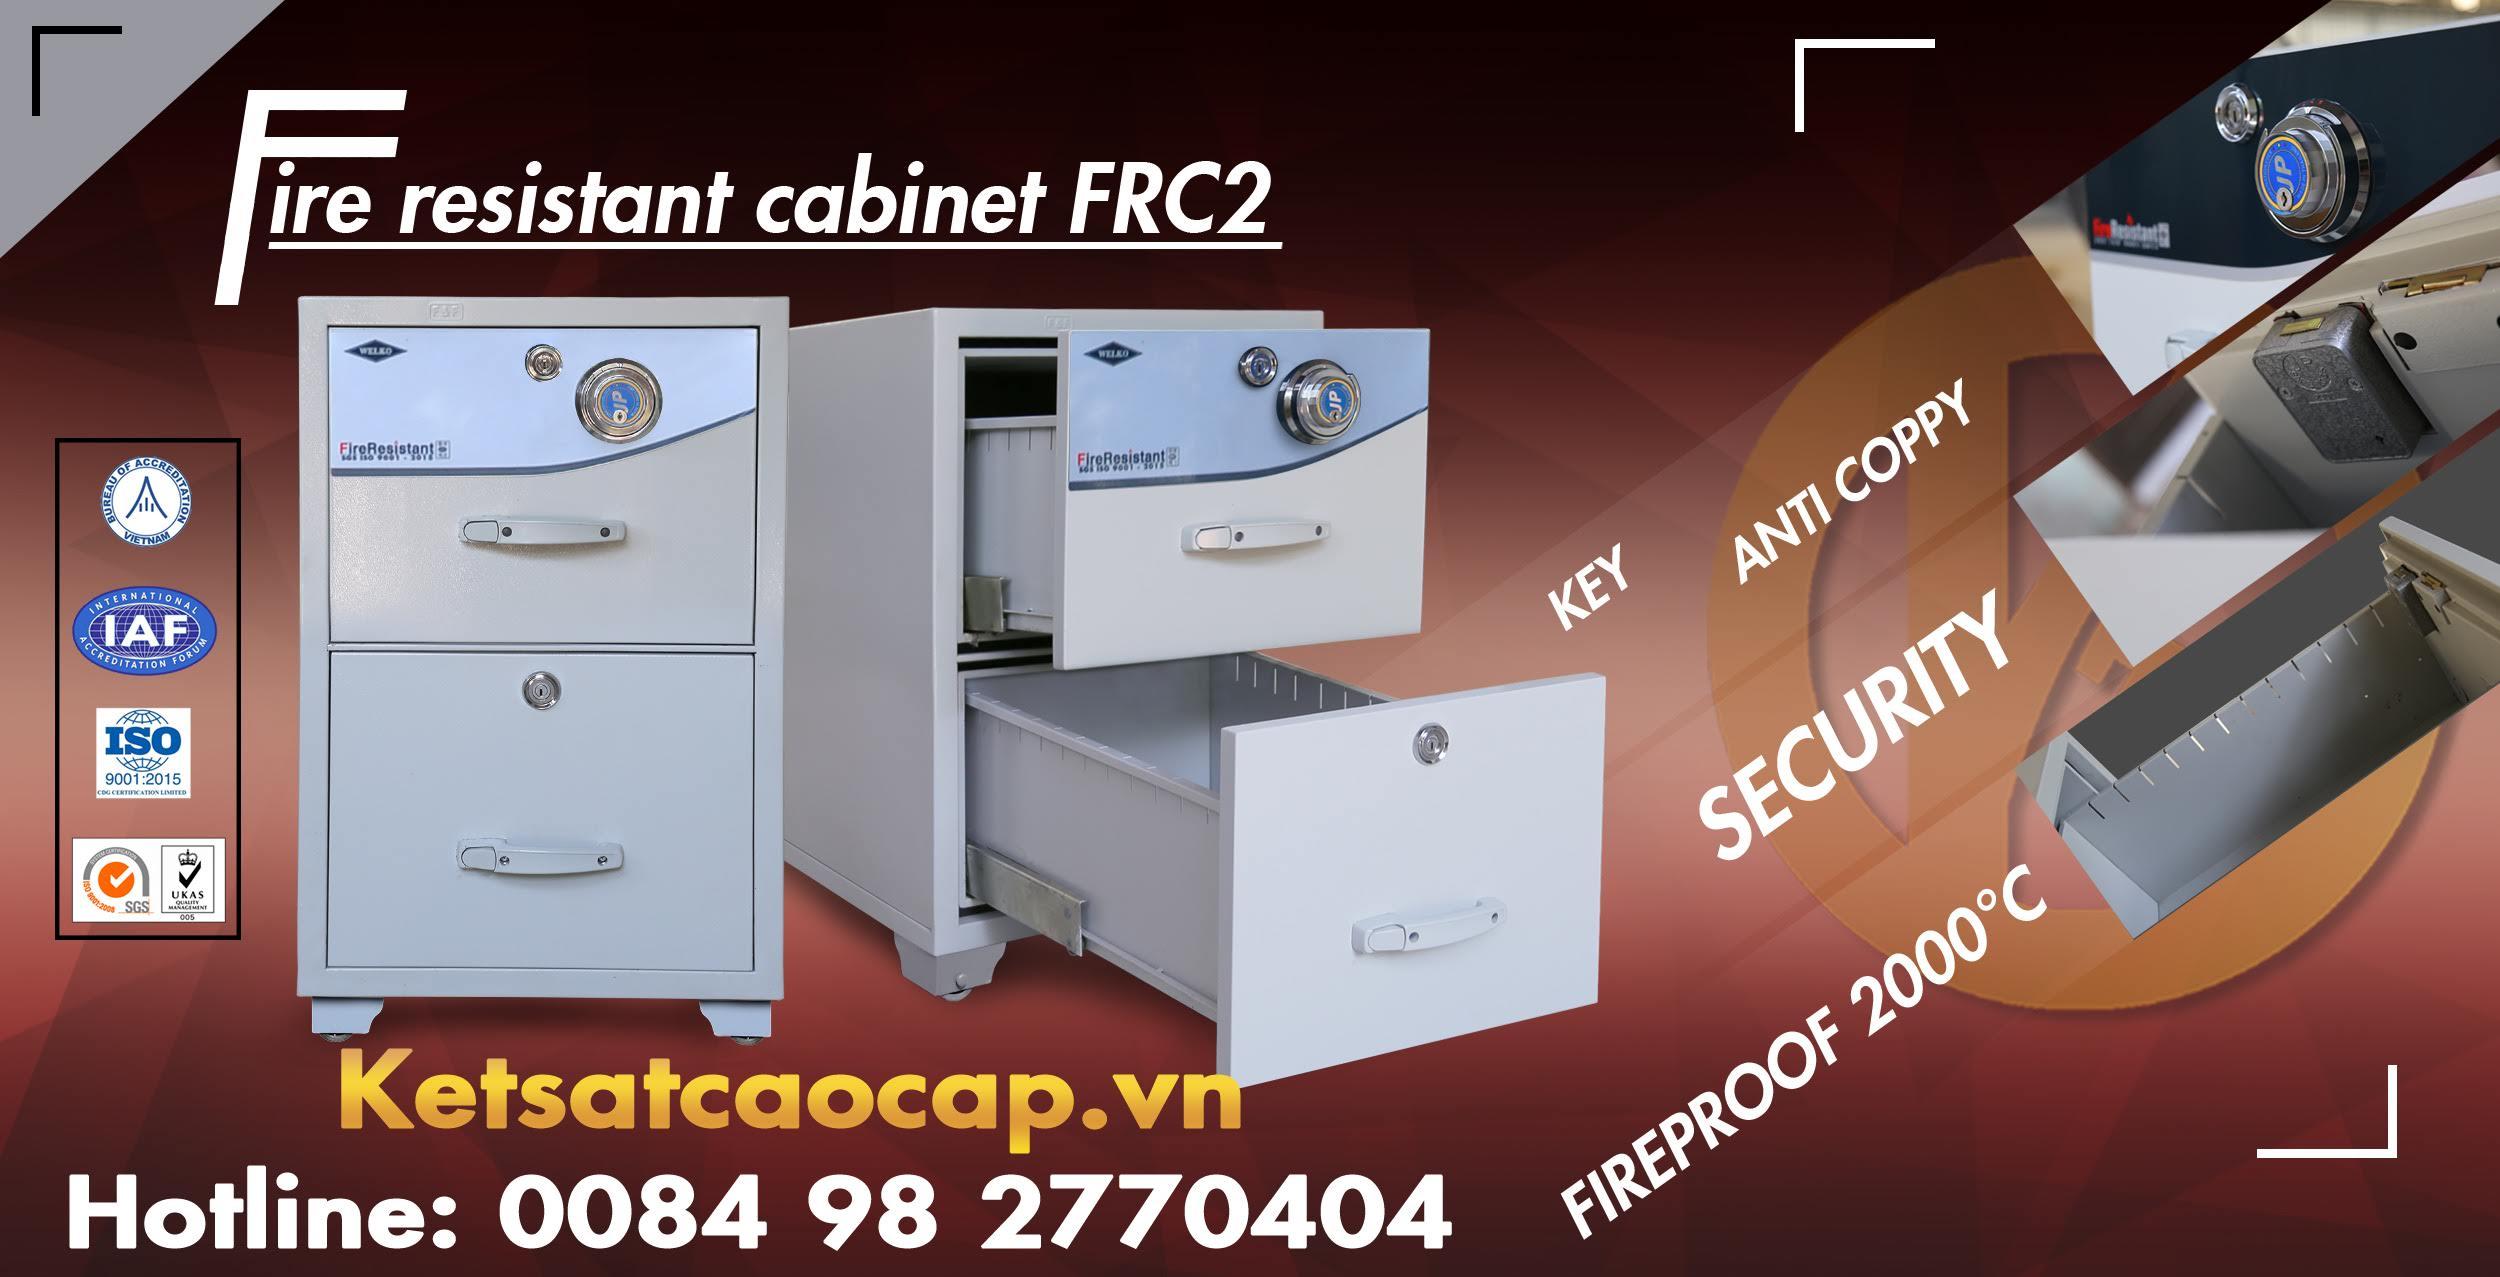 Địa chỉ bán tủ sắt an toàn dùng trong văn phòng cao cấp hà nội WELKO Safes Fire Resistant Cabinet uy tín 1